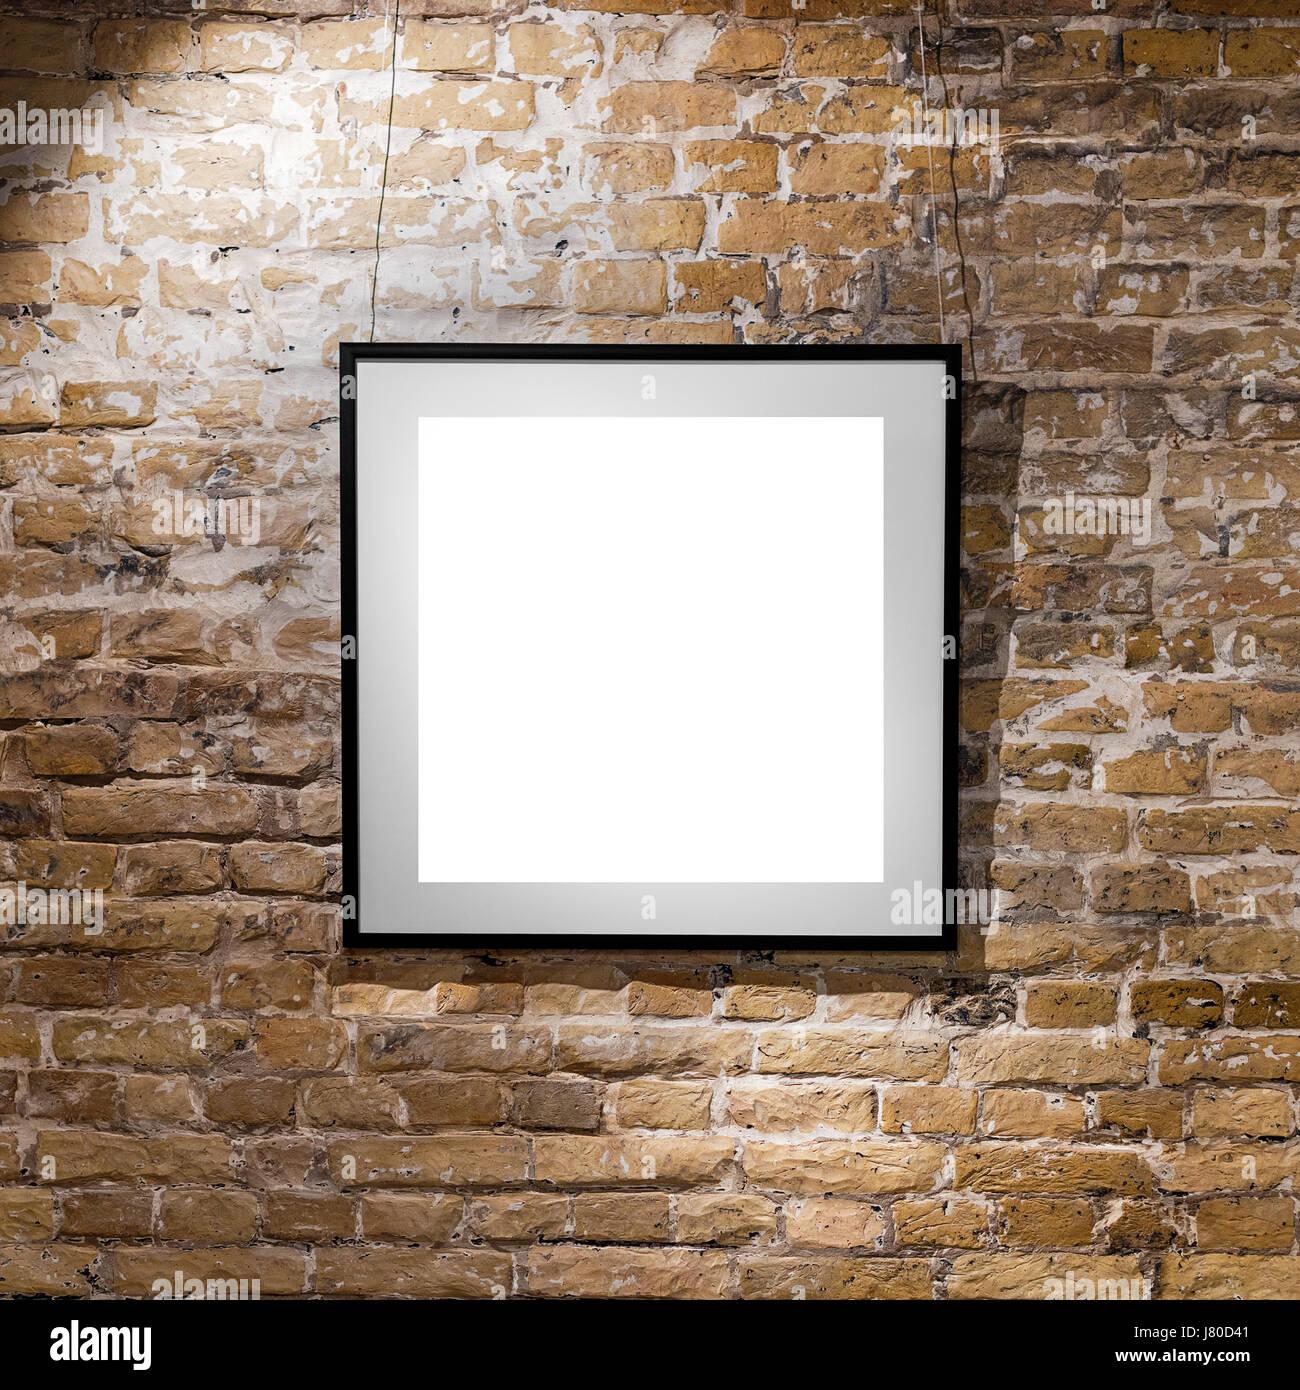 Leere Rahmen auf leichte Ziegelwand. Leerstelle Poster oder Kunst ...